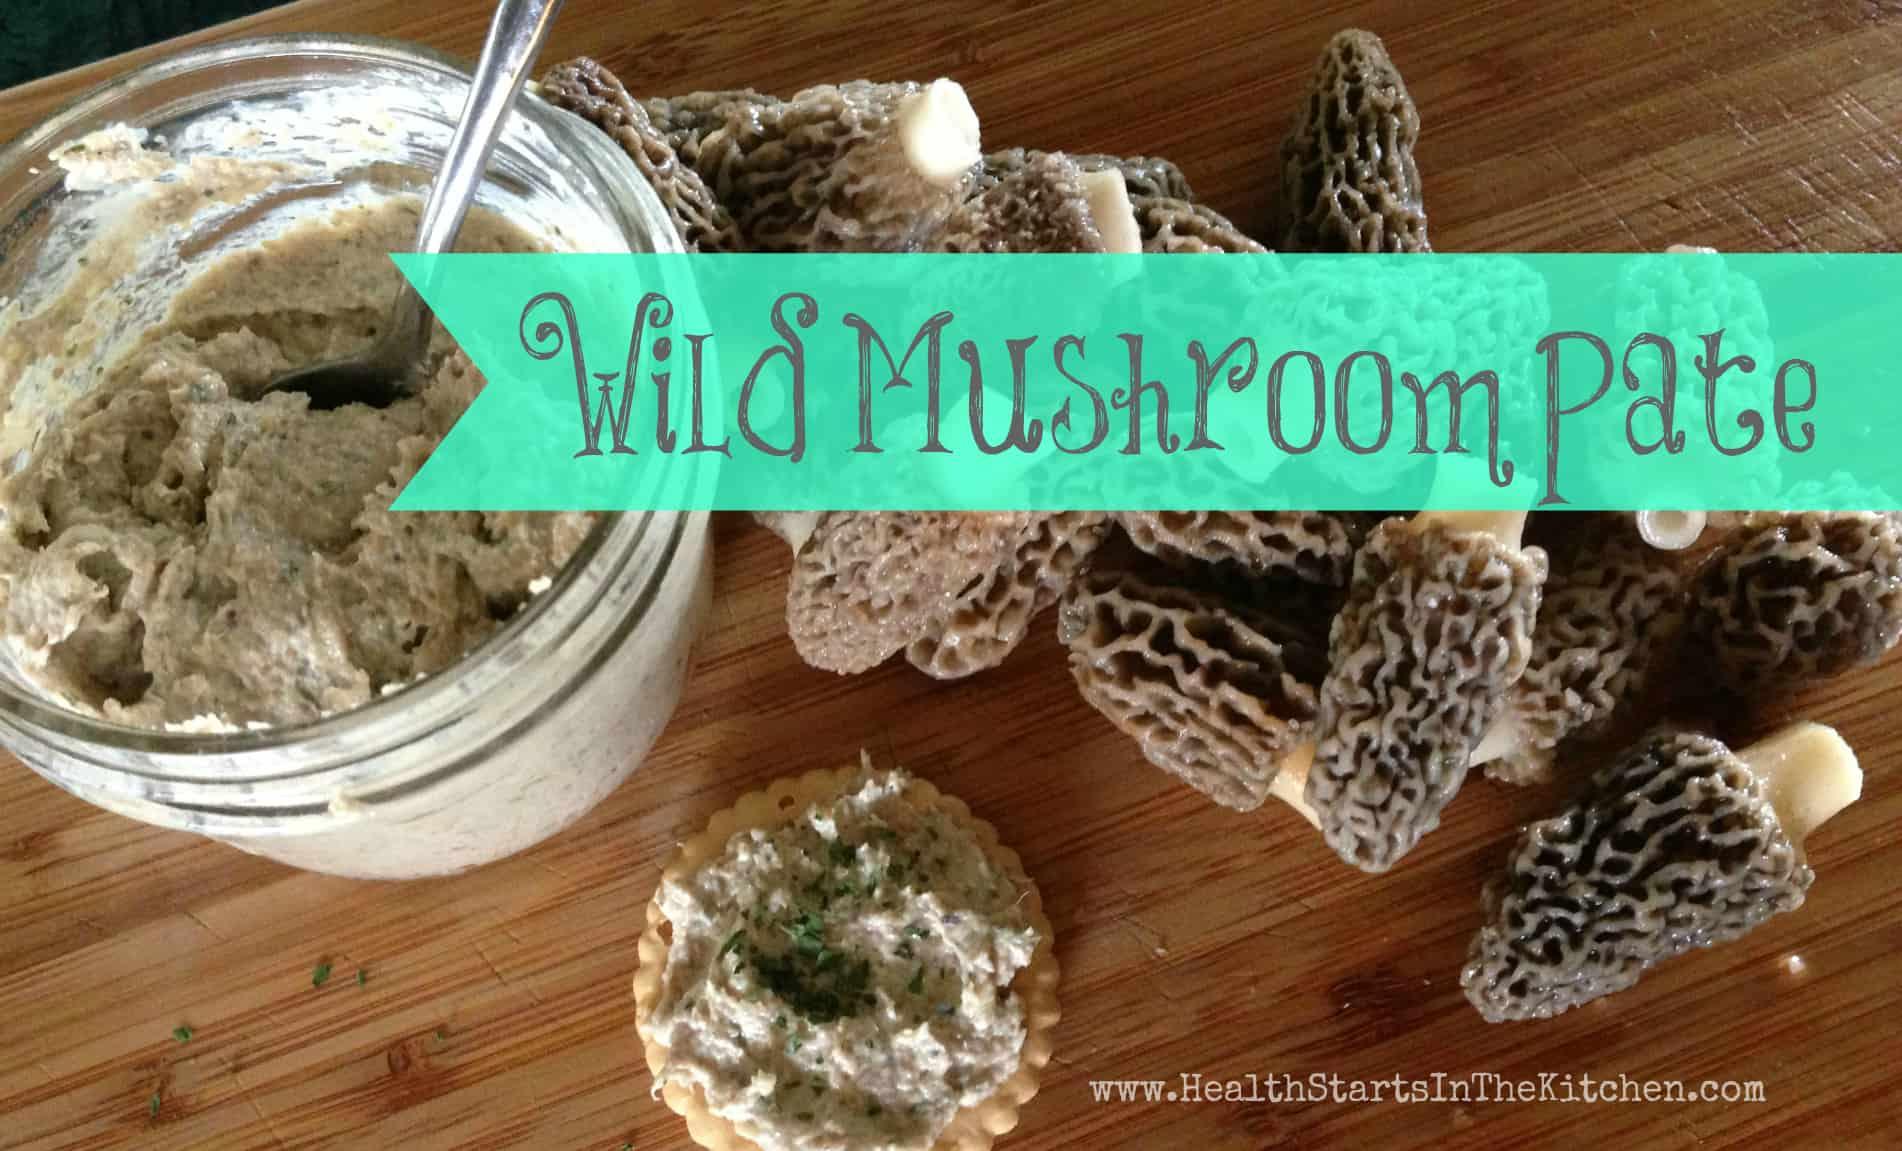 Wild Mushroom Pate